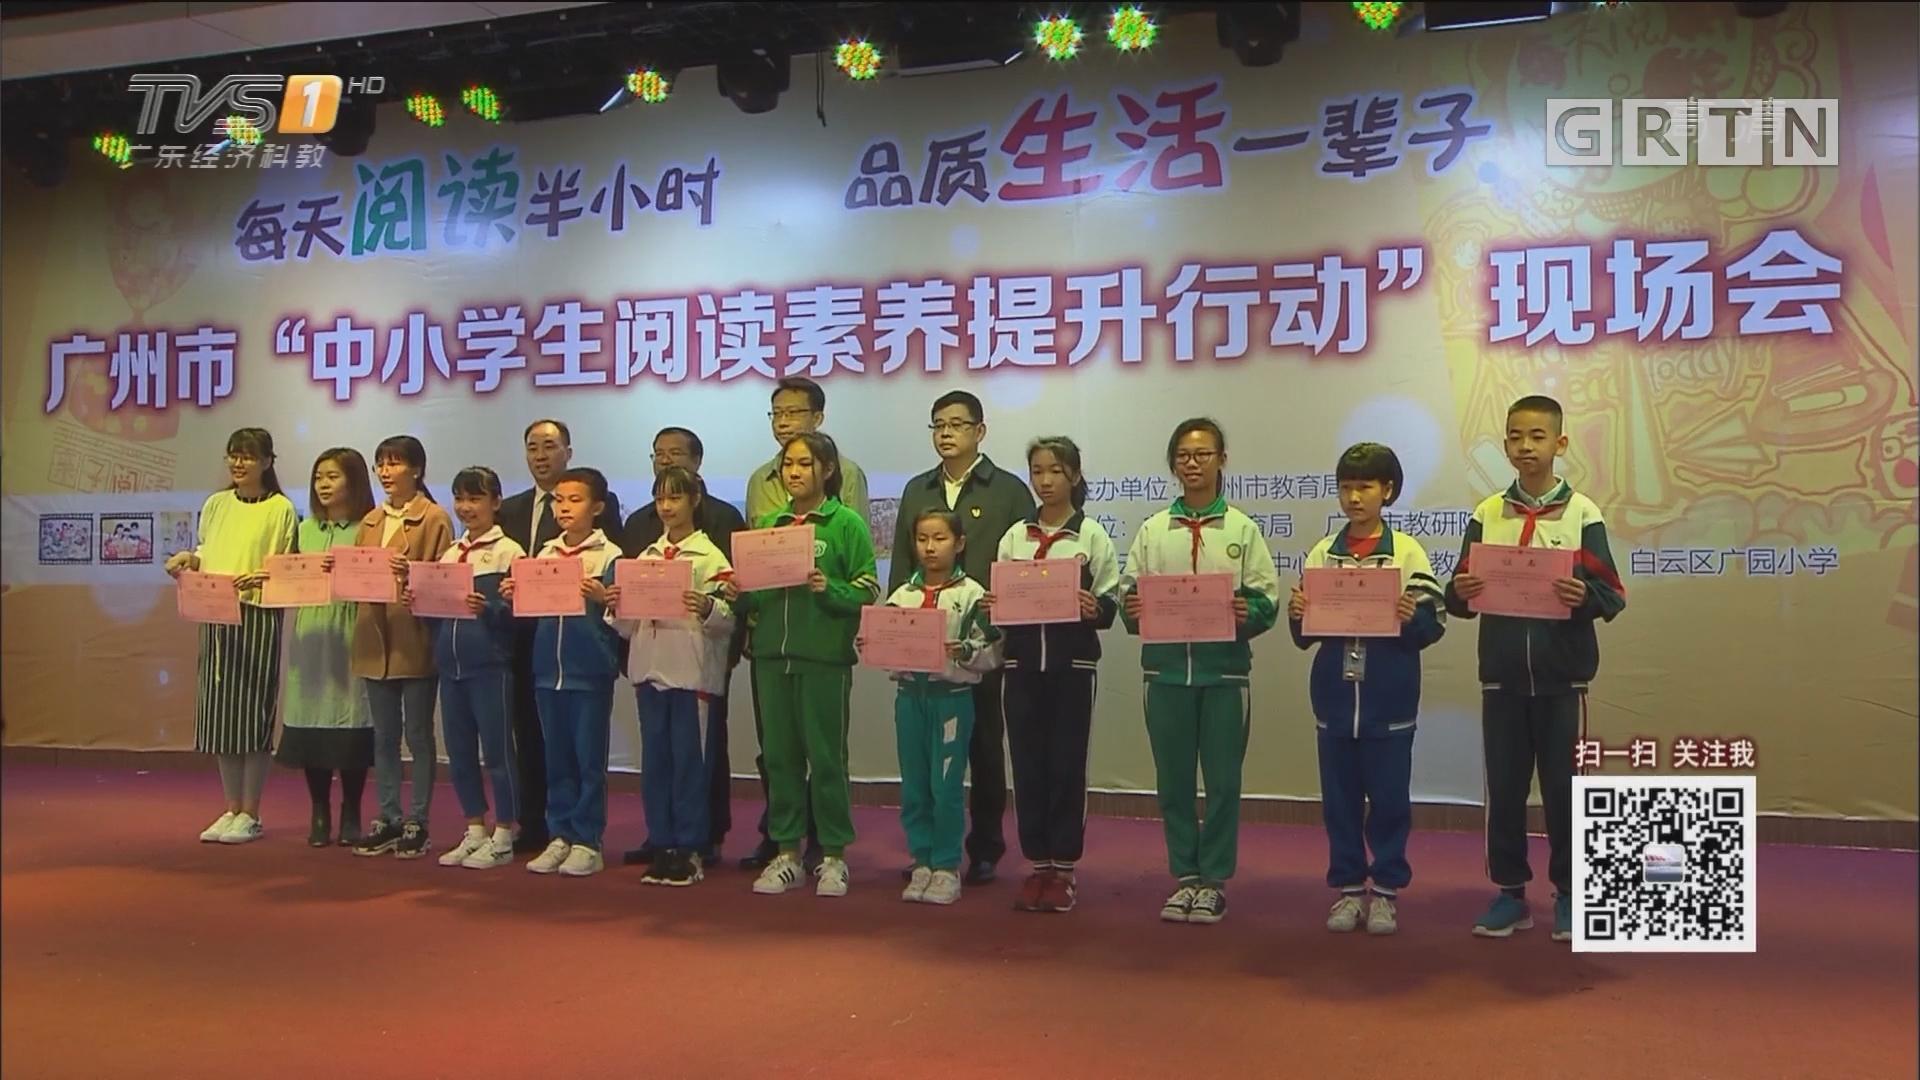 广州:打造智慧阅读平台 提升中小学生阅读素养